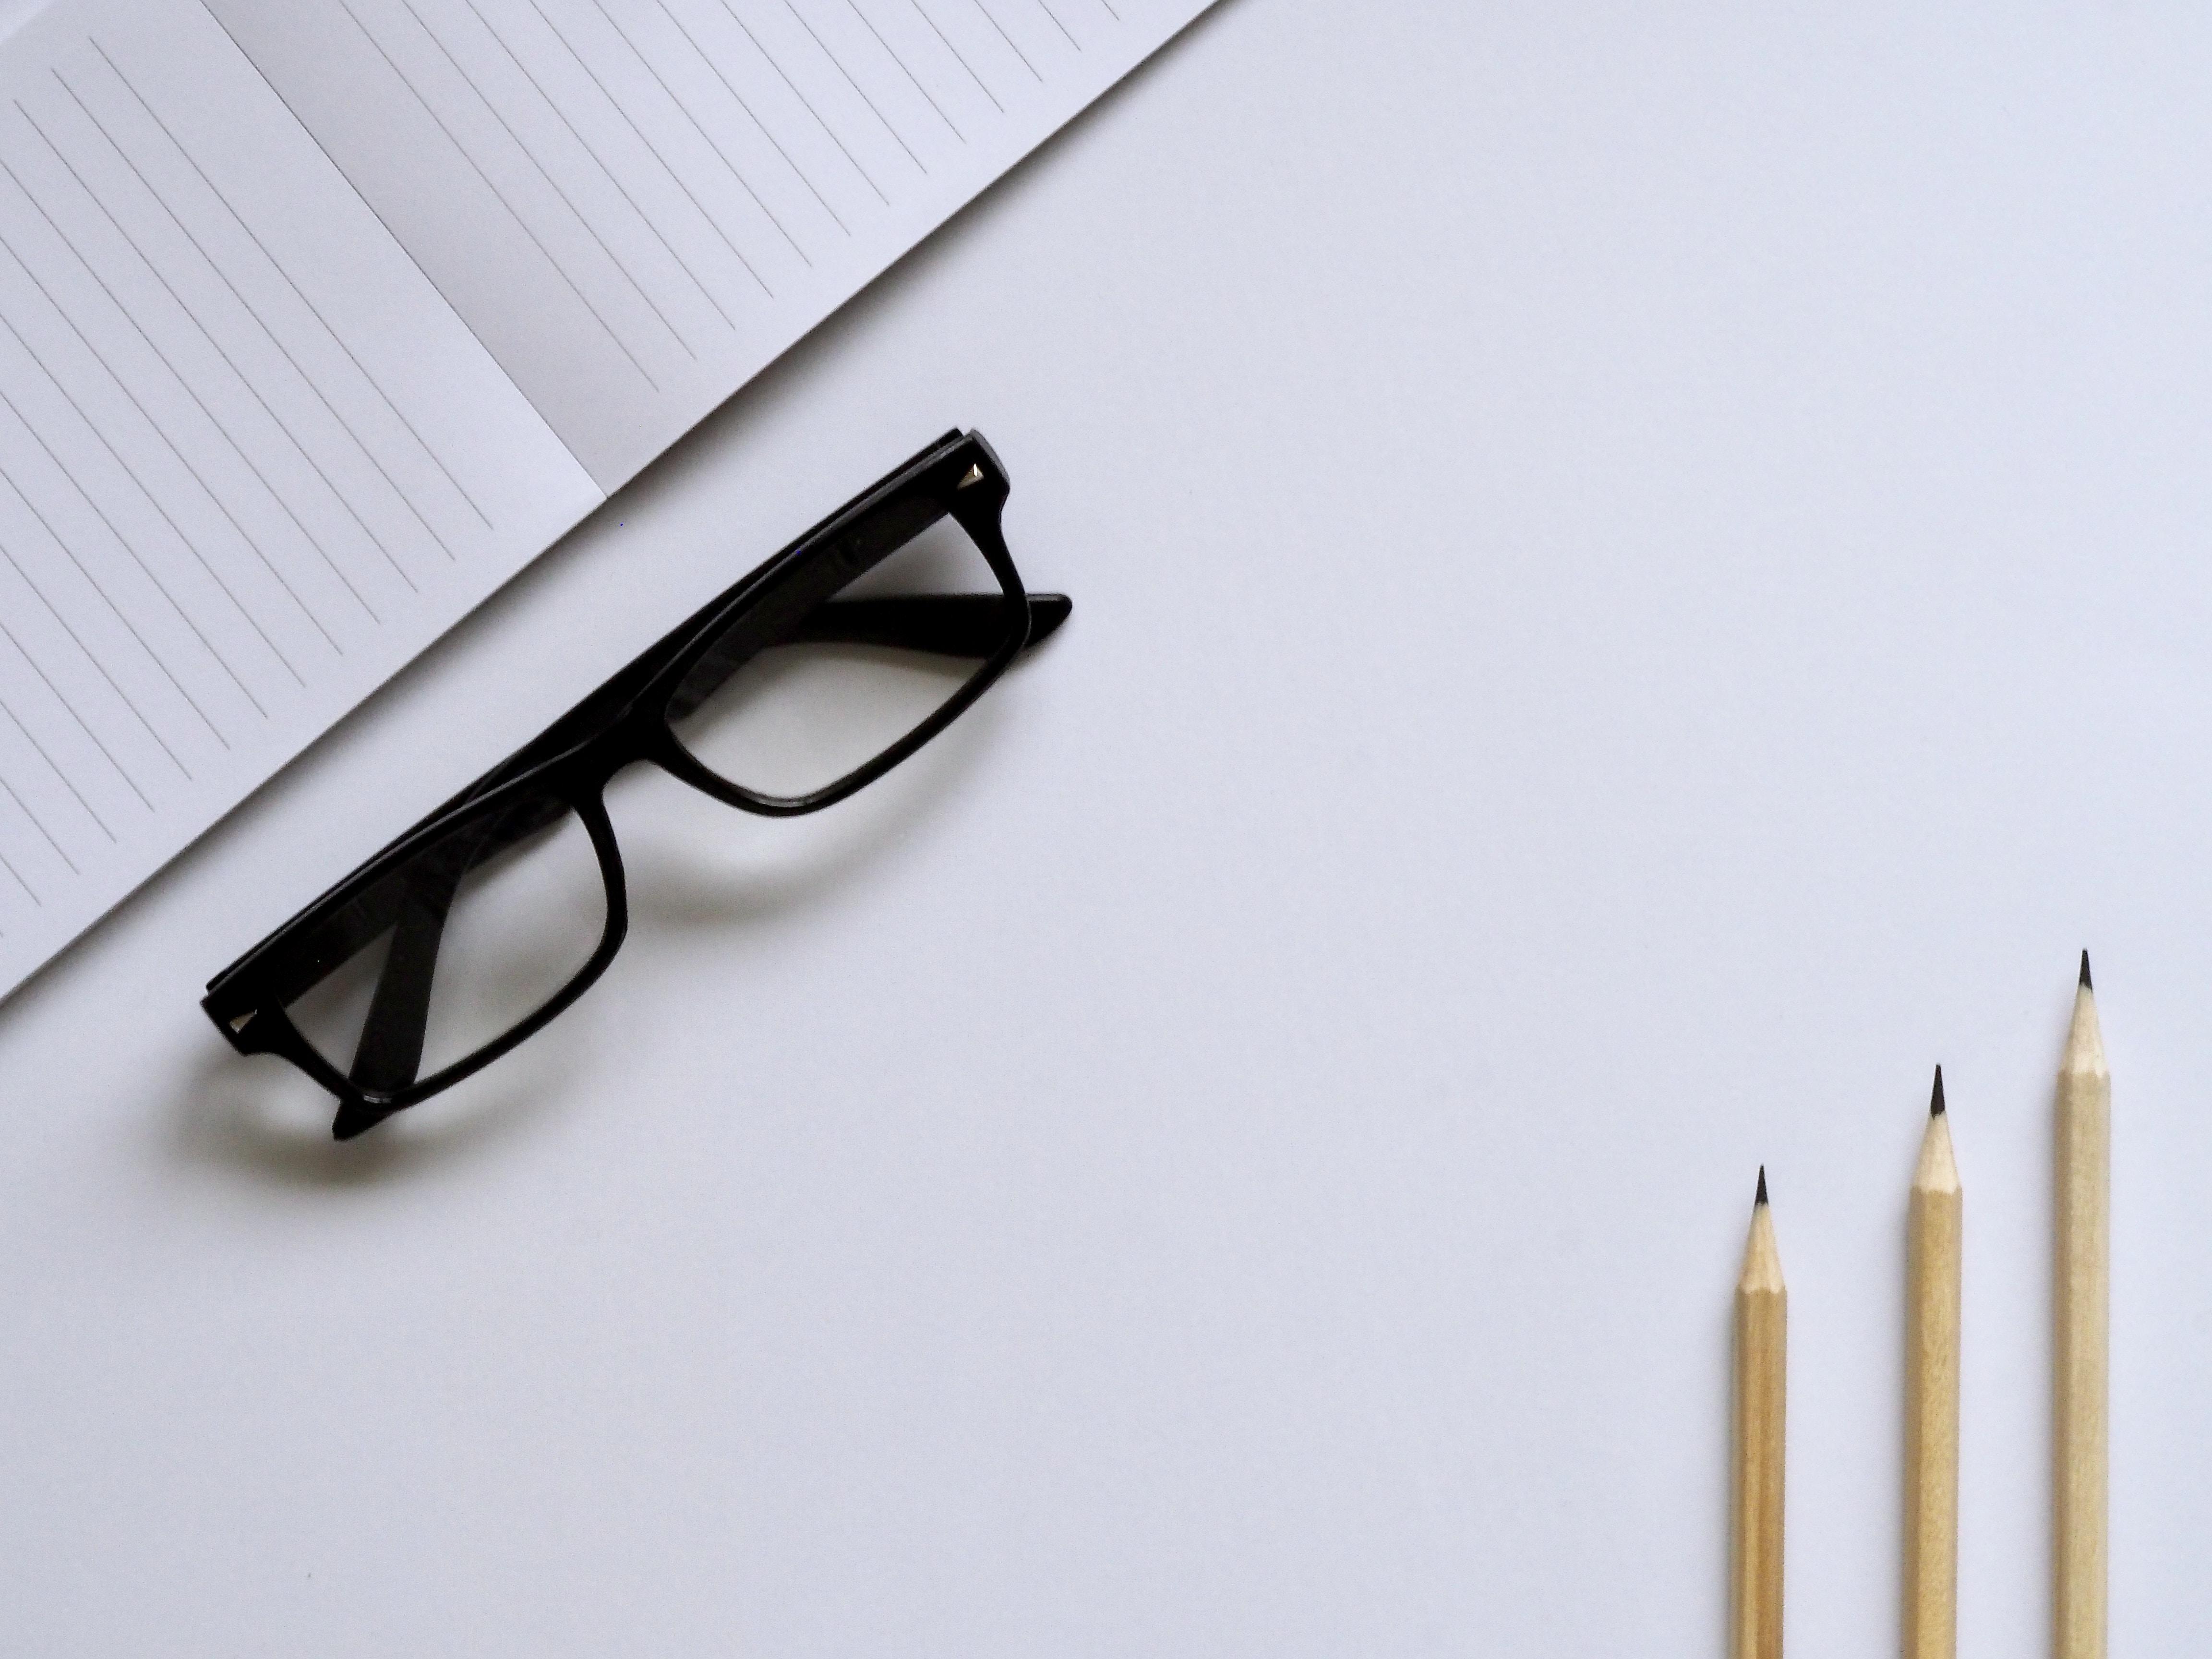 eyeglasses with black frames